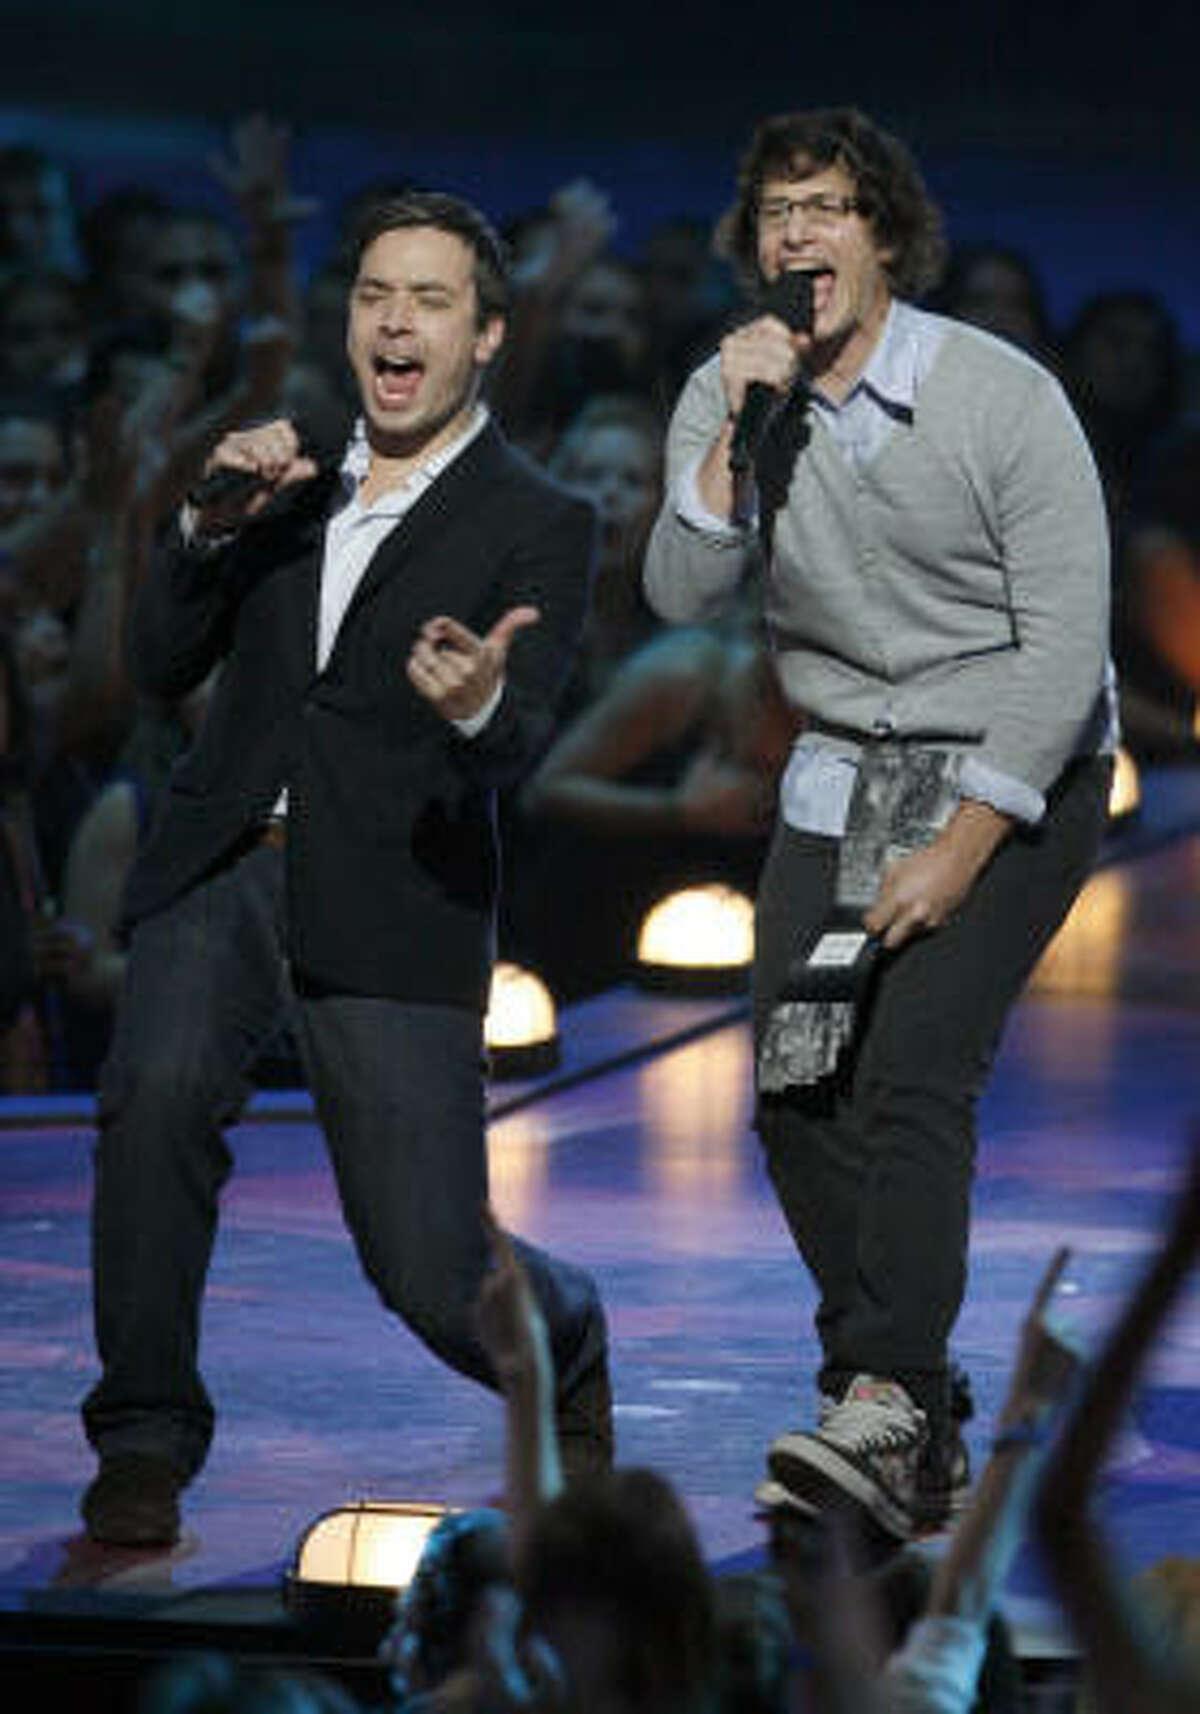 Jimmy Fallon, left, and Andy Samberg present at the VMAs.